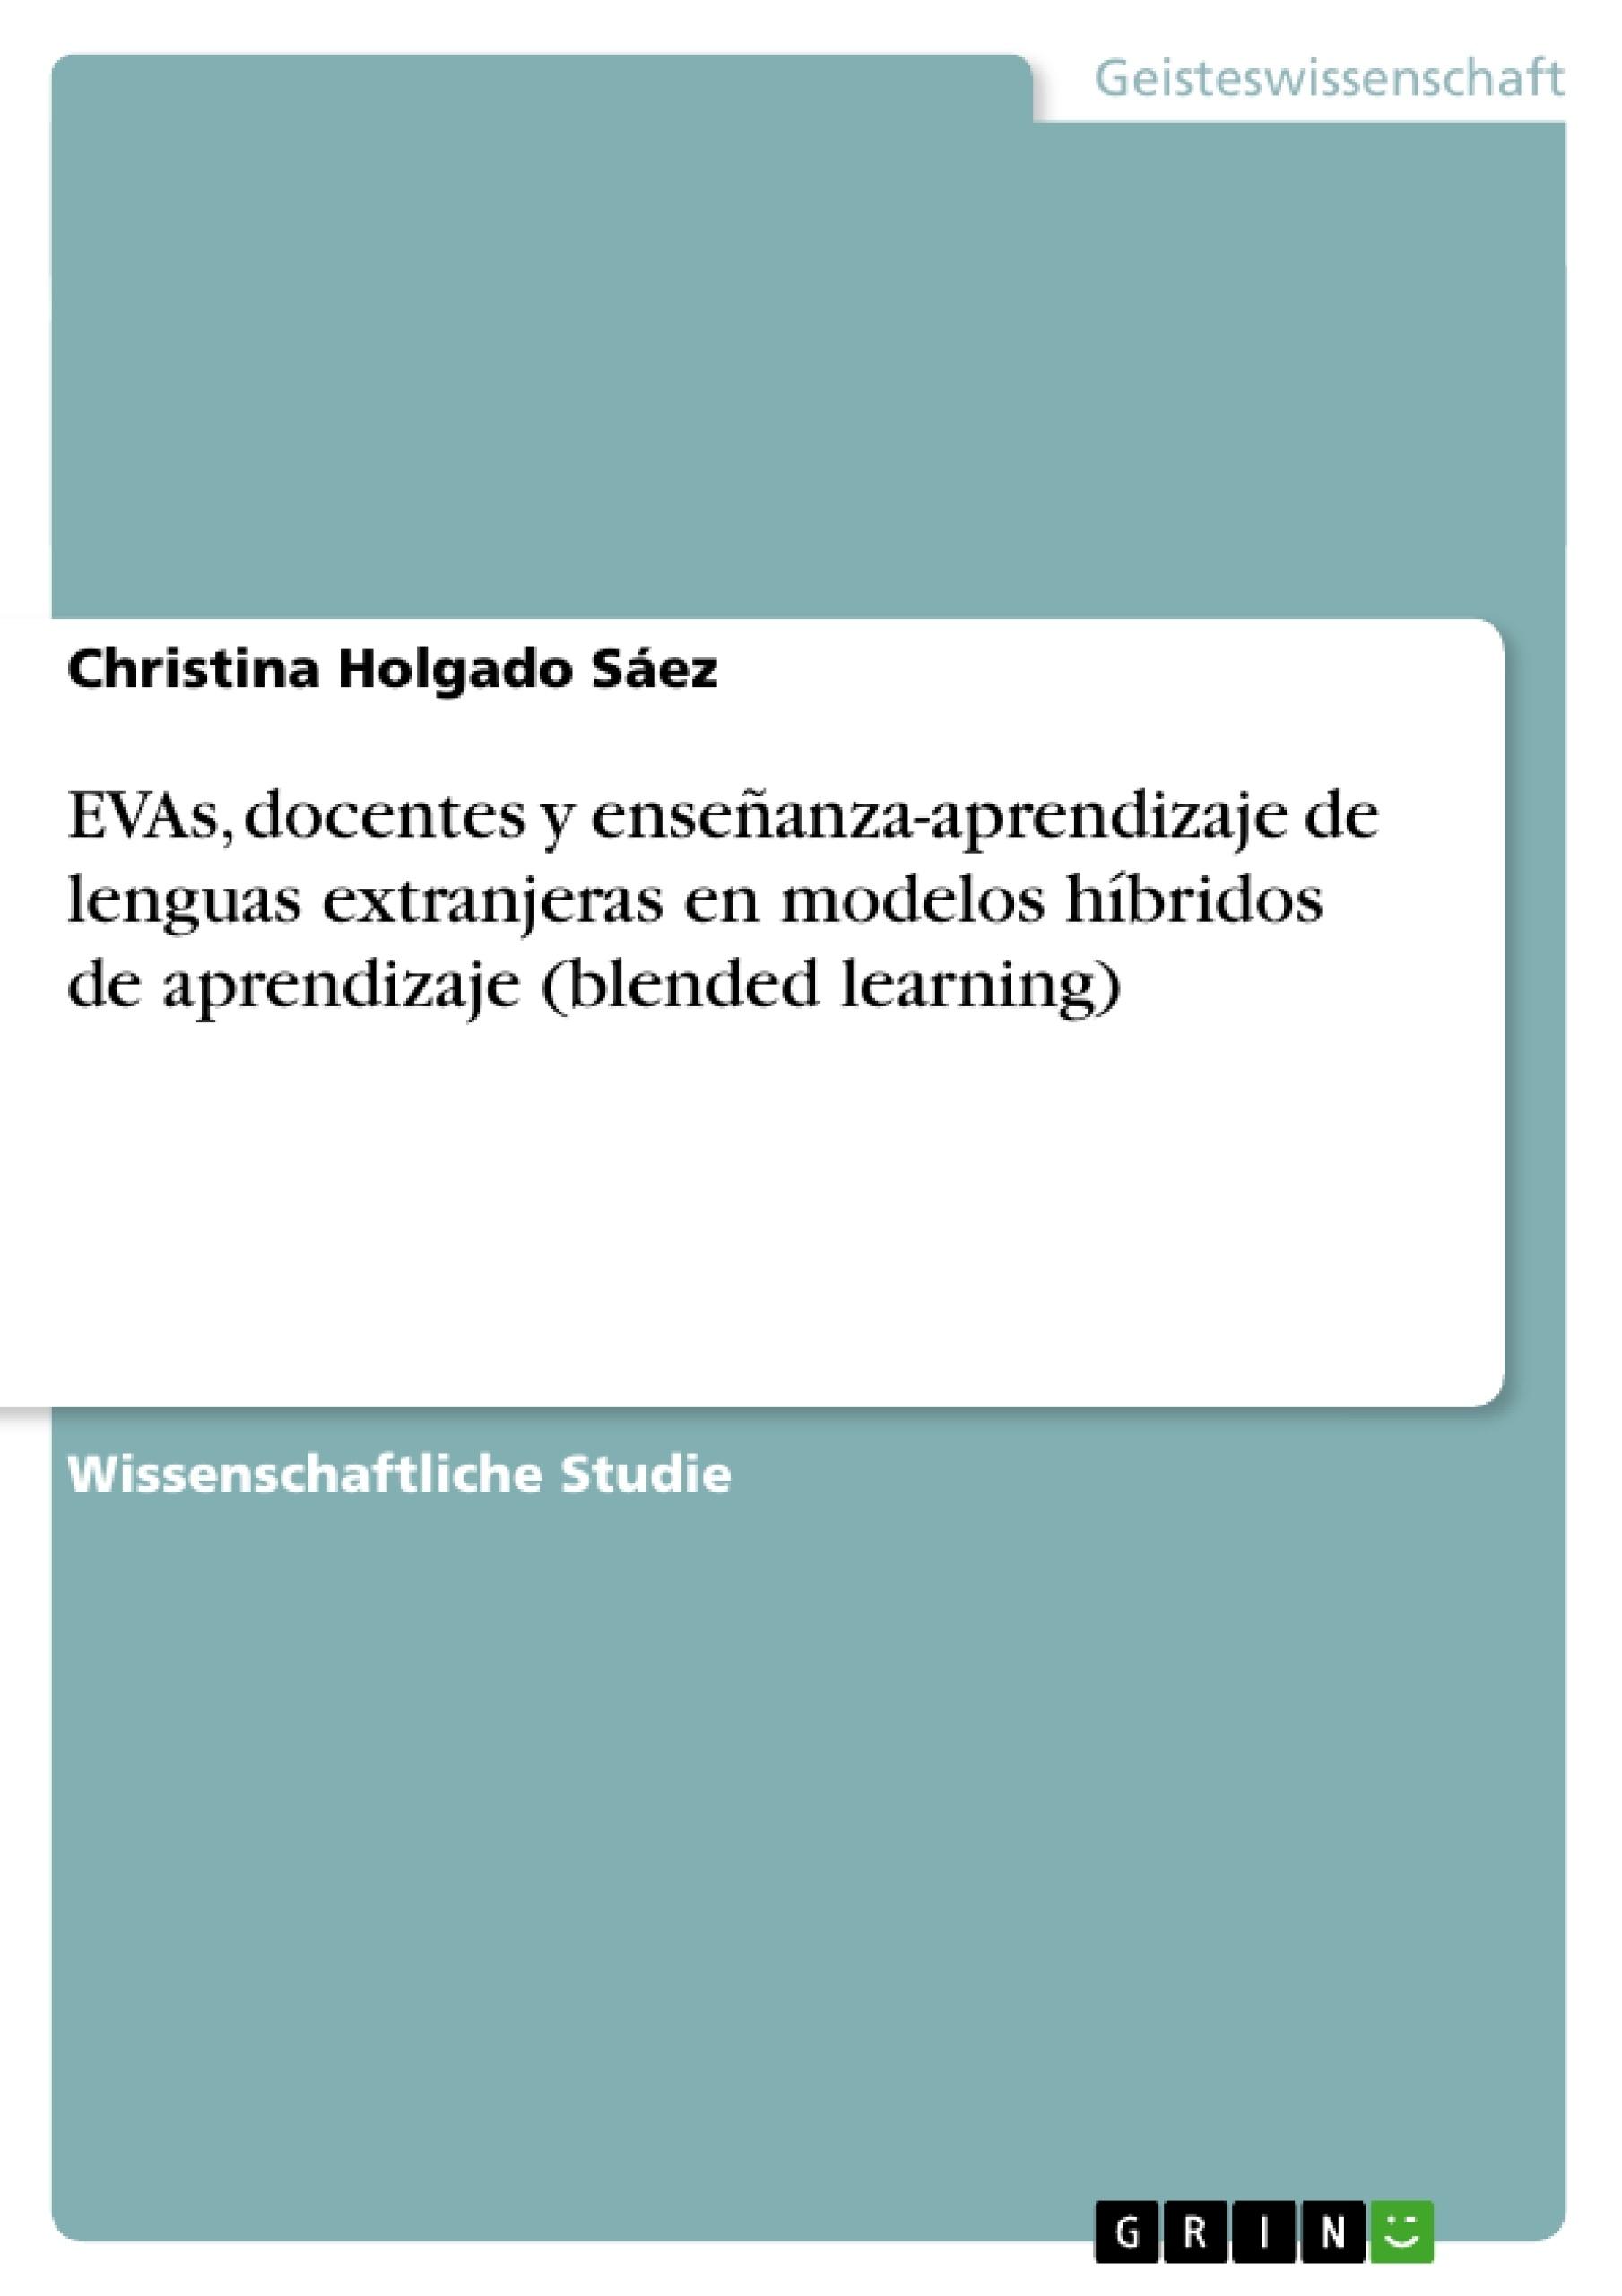 Titel: EVAs, docentes y enseñanza-aprendizaje de lenguas extranjeras en modelos híbridos de aprendizaje (blended learning)